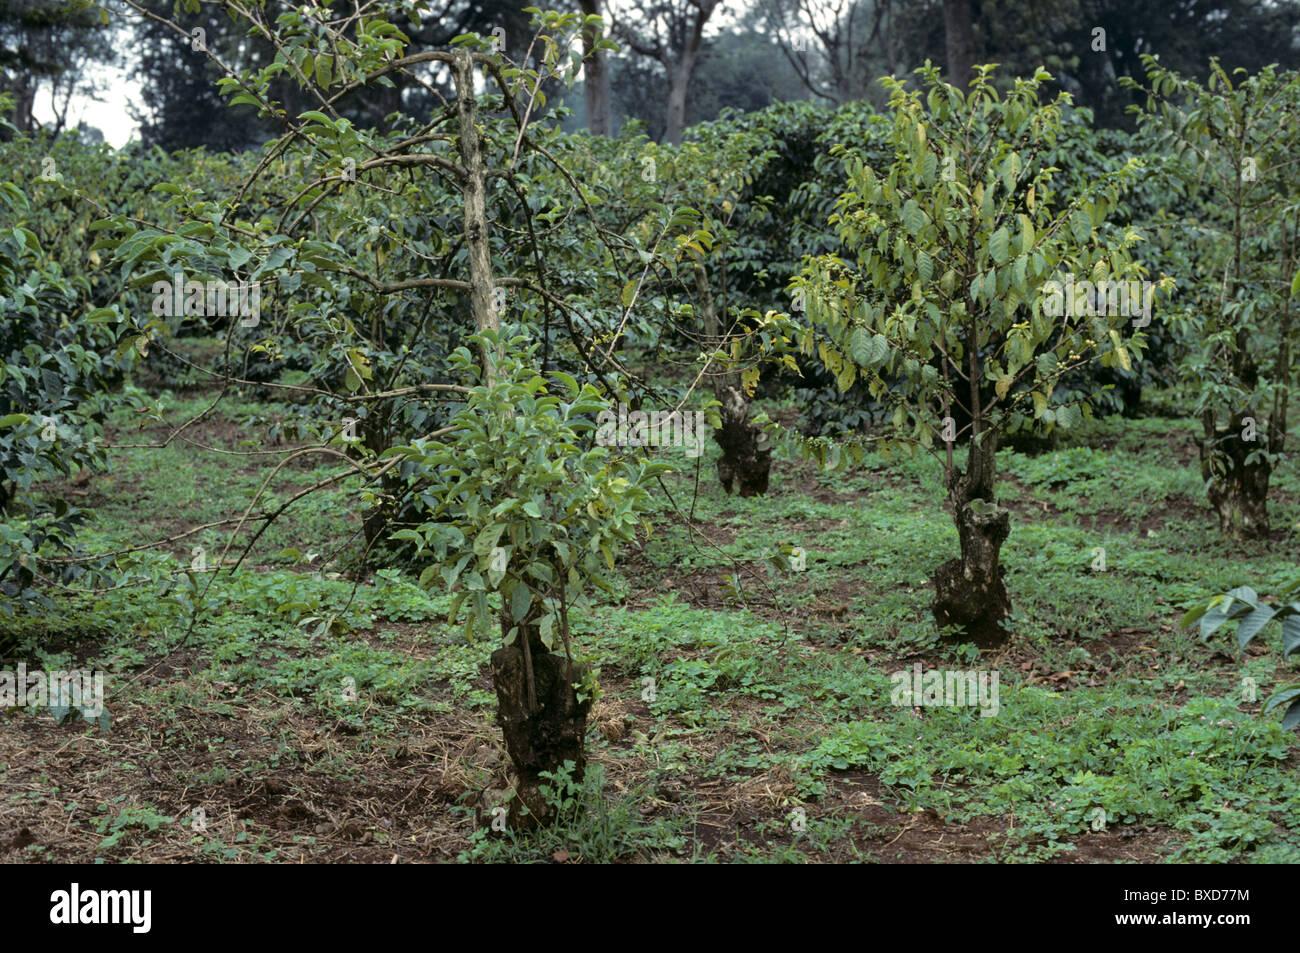 Kaffee Sträucher stark weaked durch Fusarium Rinde Krankheit (Fusarium SP.), Kenia Stockbild